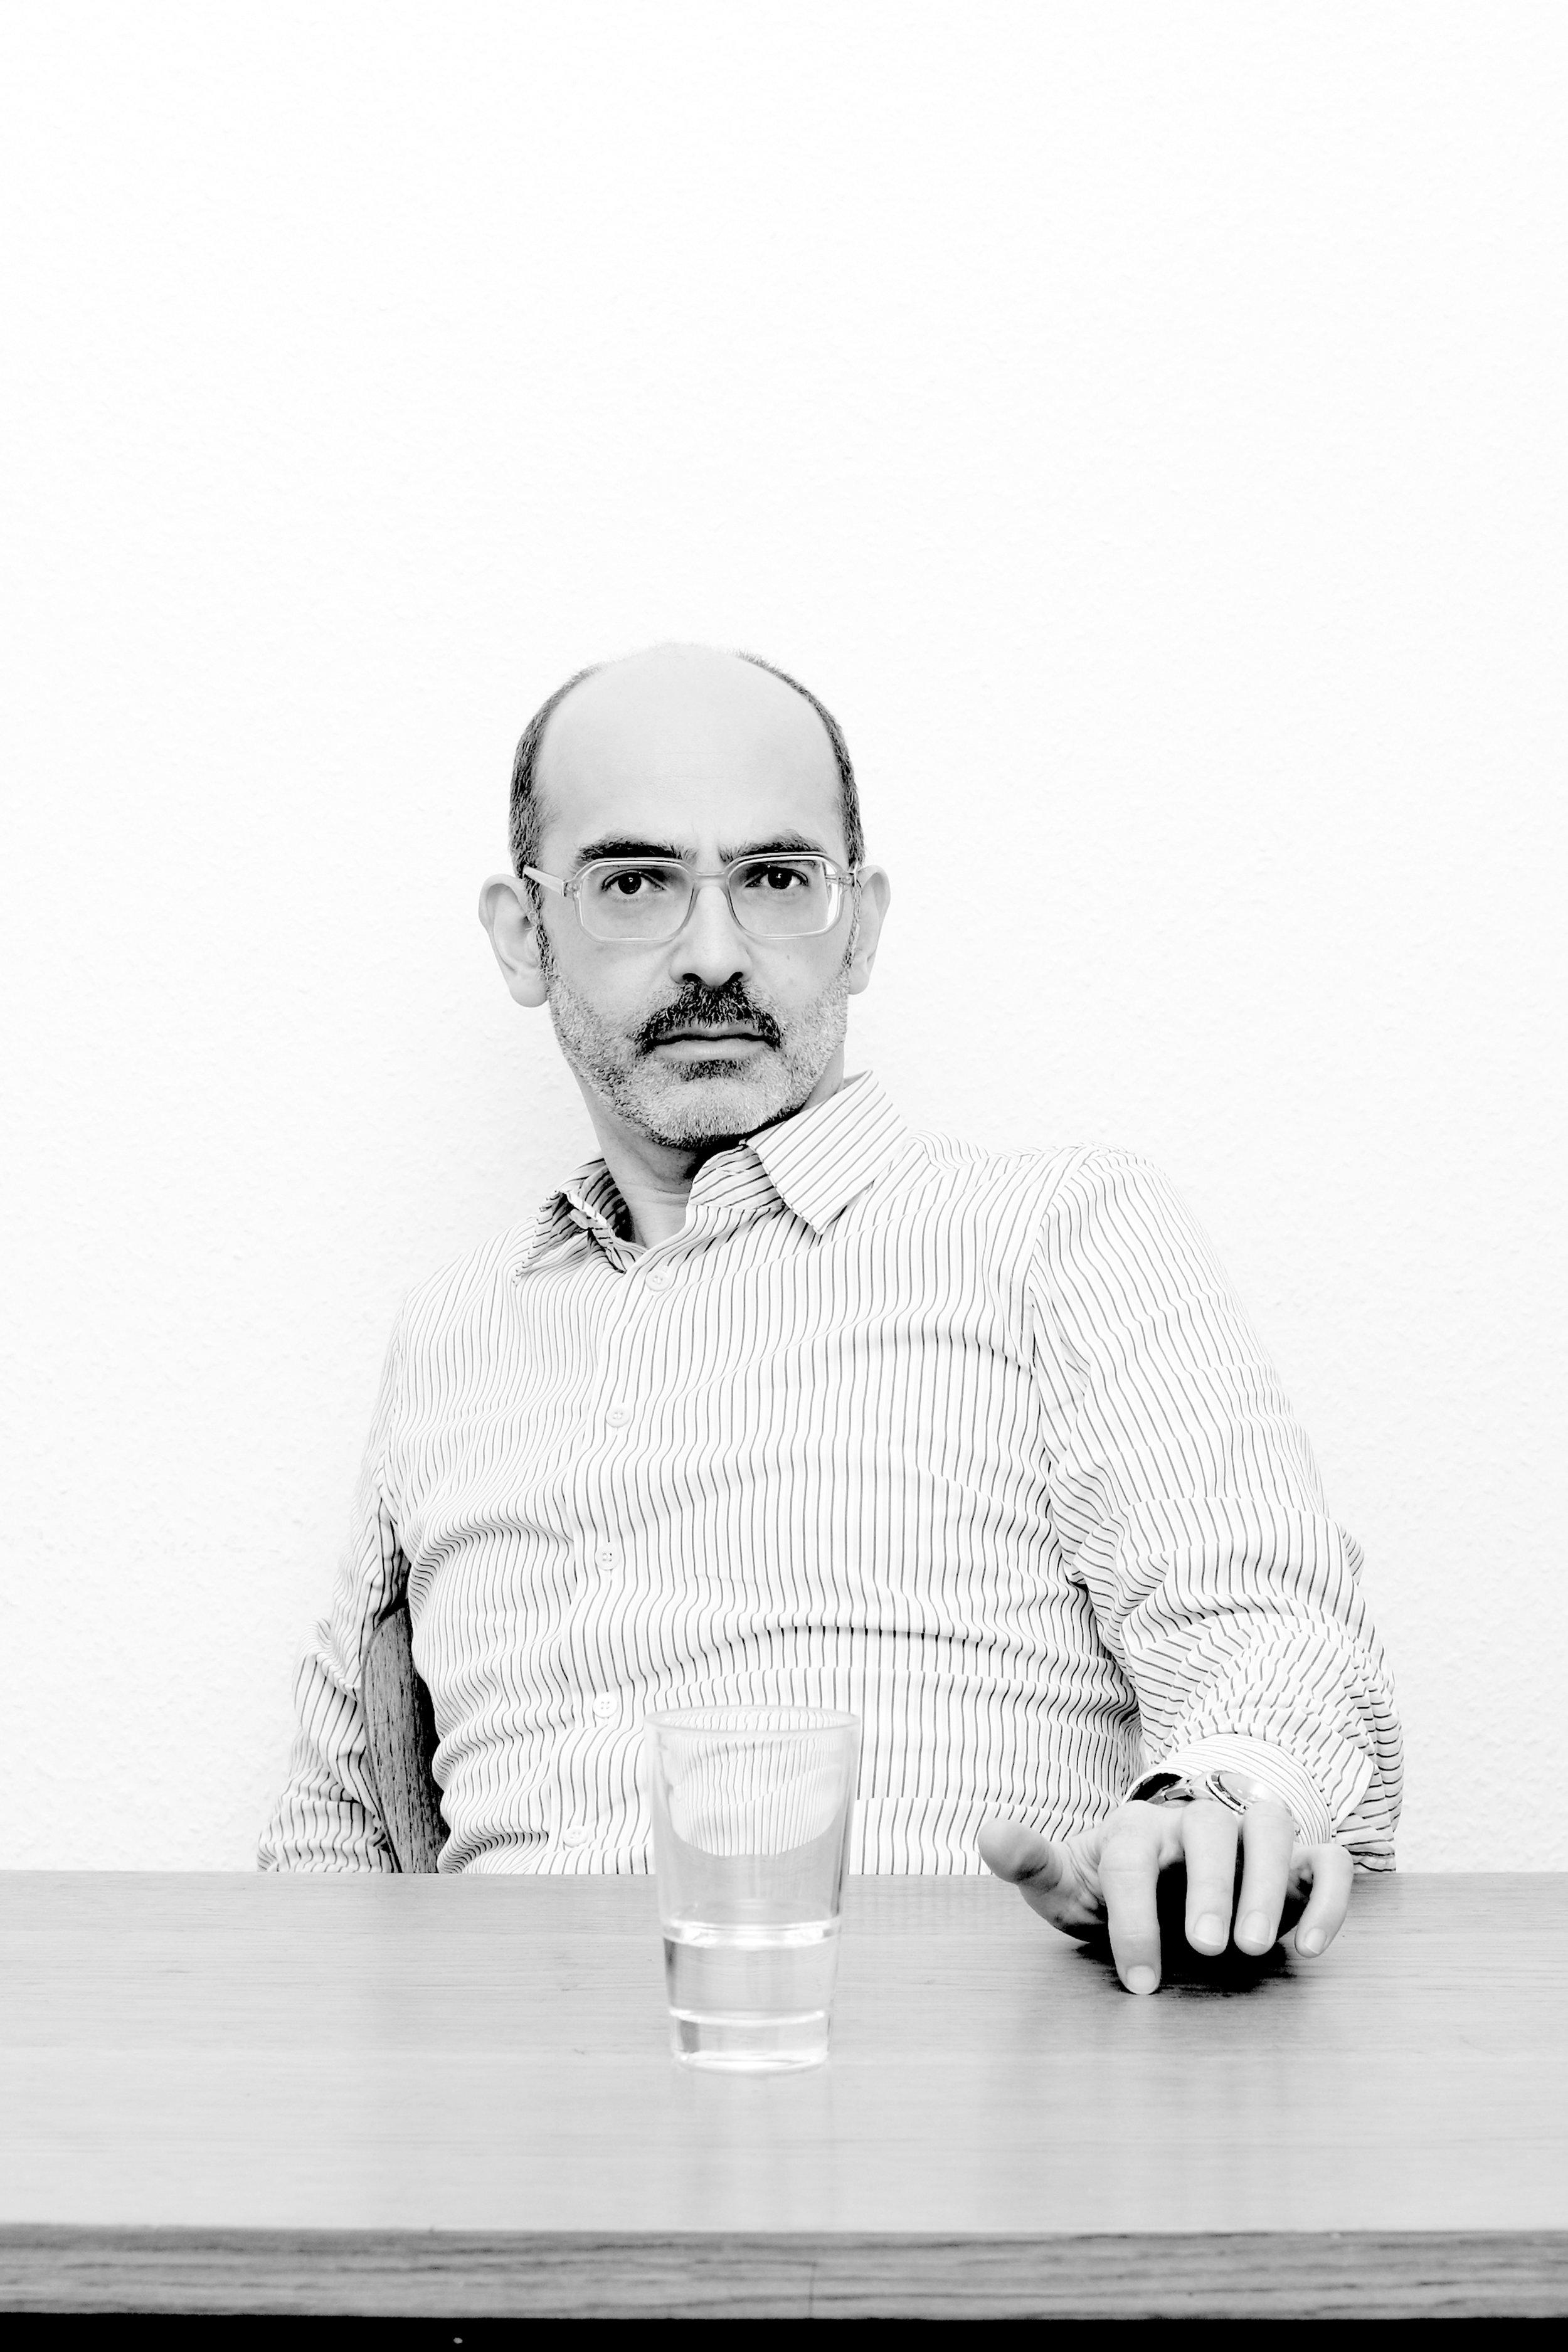 MAXIM BILLER